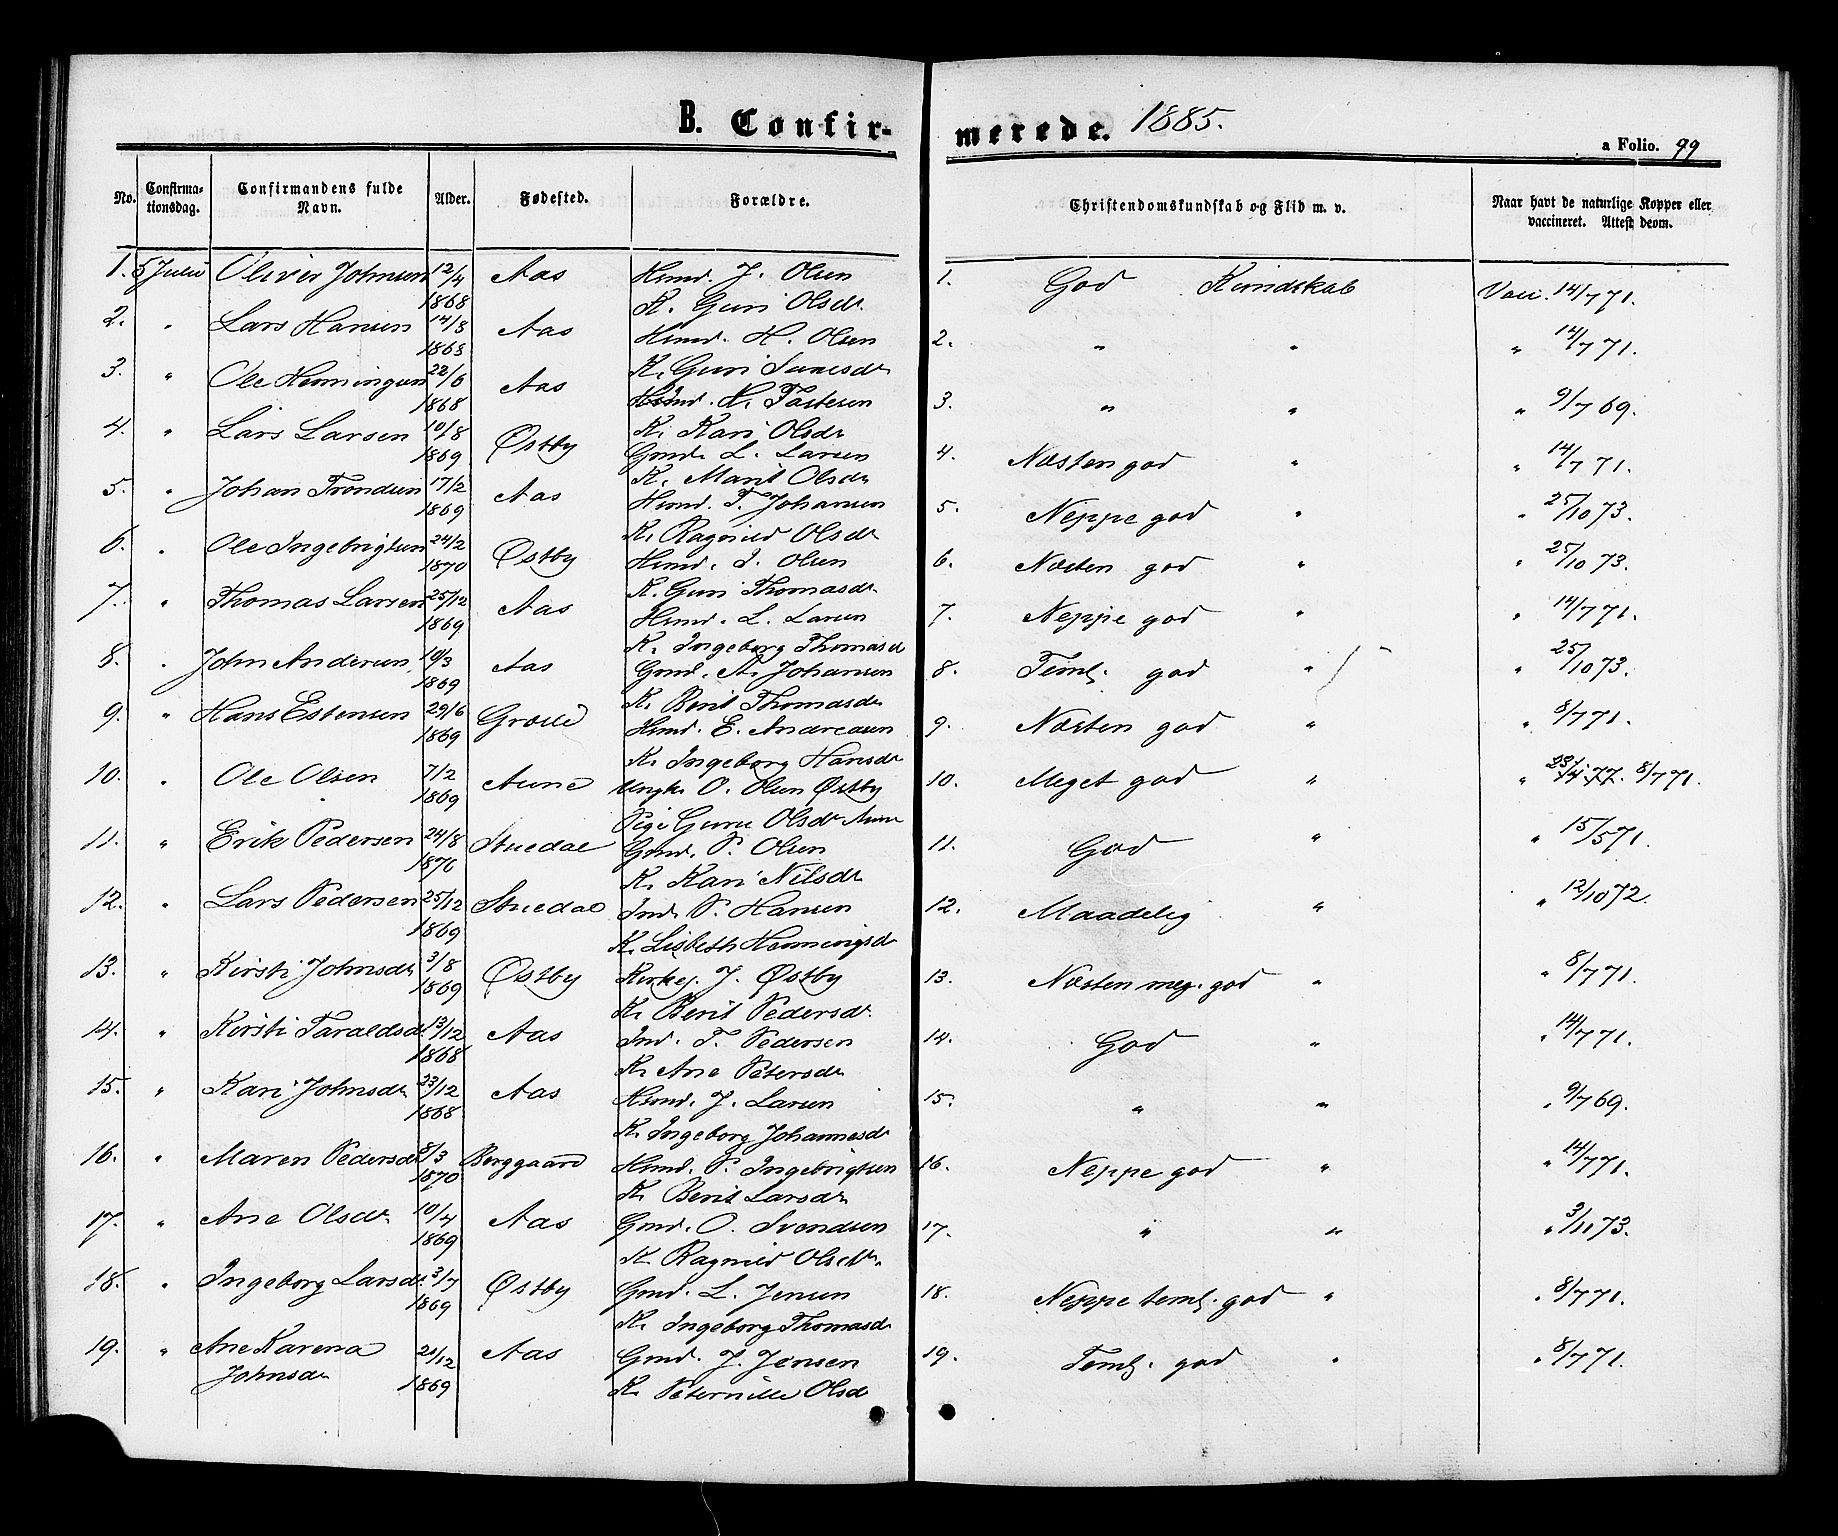 SAT, Ministerialprotokoller, klokkerbøker og fødselsregistre - Sør-Trøndelag, 698/L1163: Ministerialbok nr. 698A01, 1862-1887, s. 99